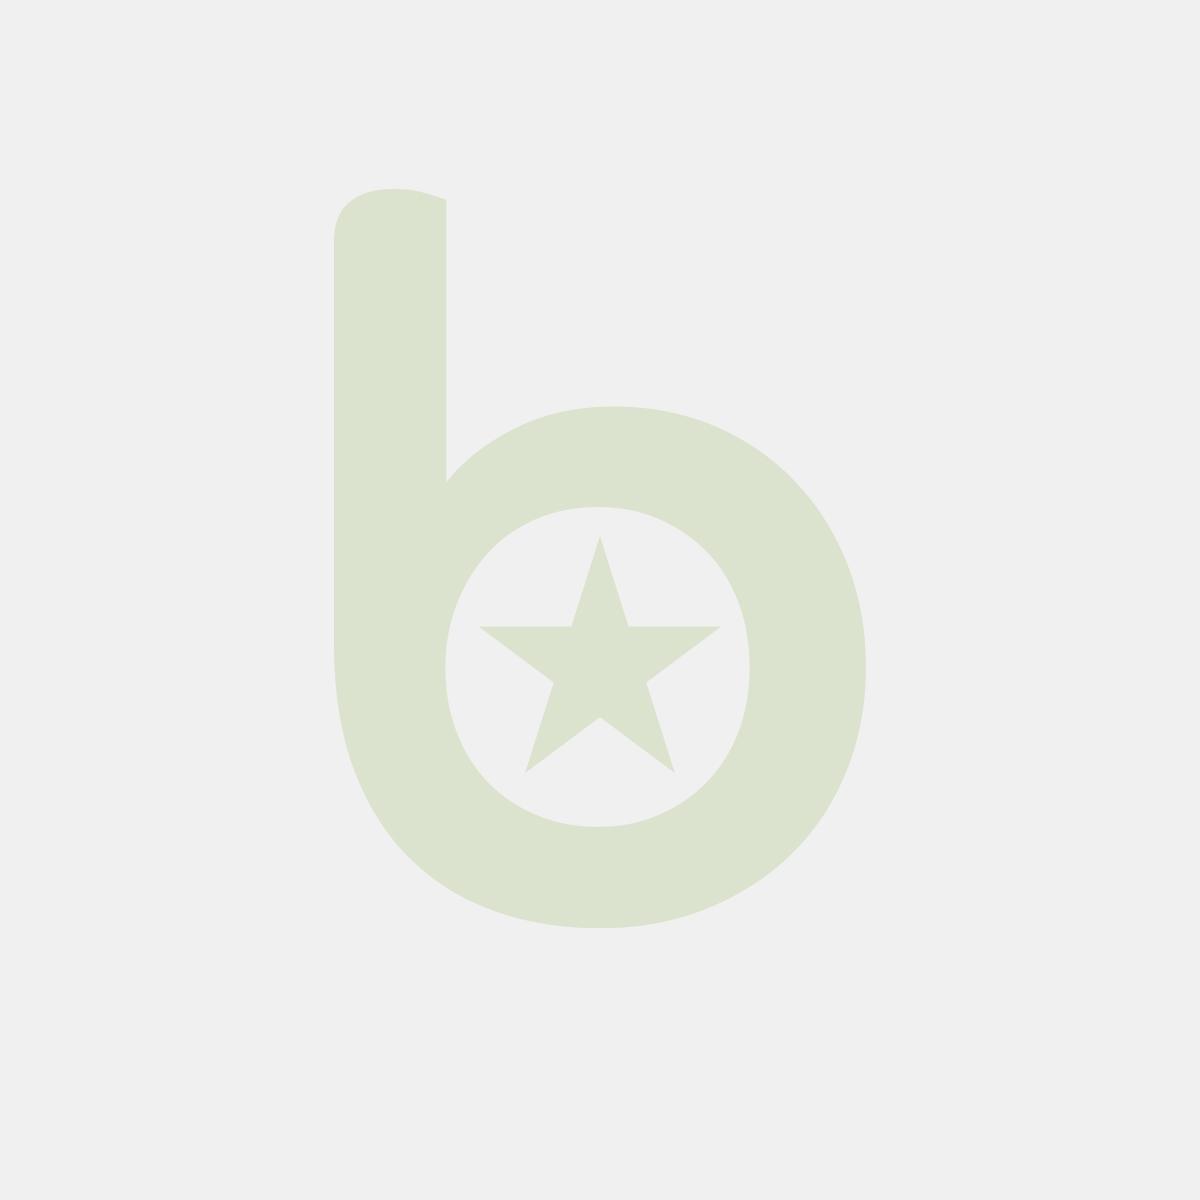 Zszywacz KANGARO HS-J10, zszywa do 20 kartek, blister, czarny